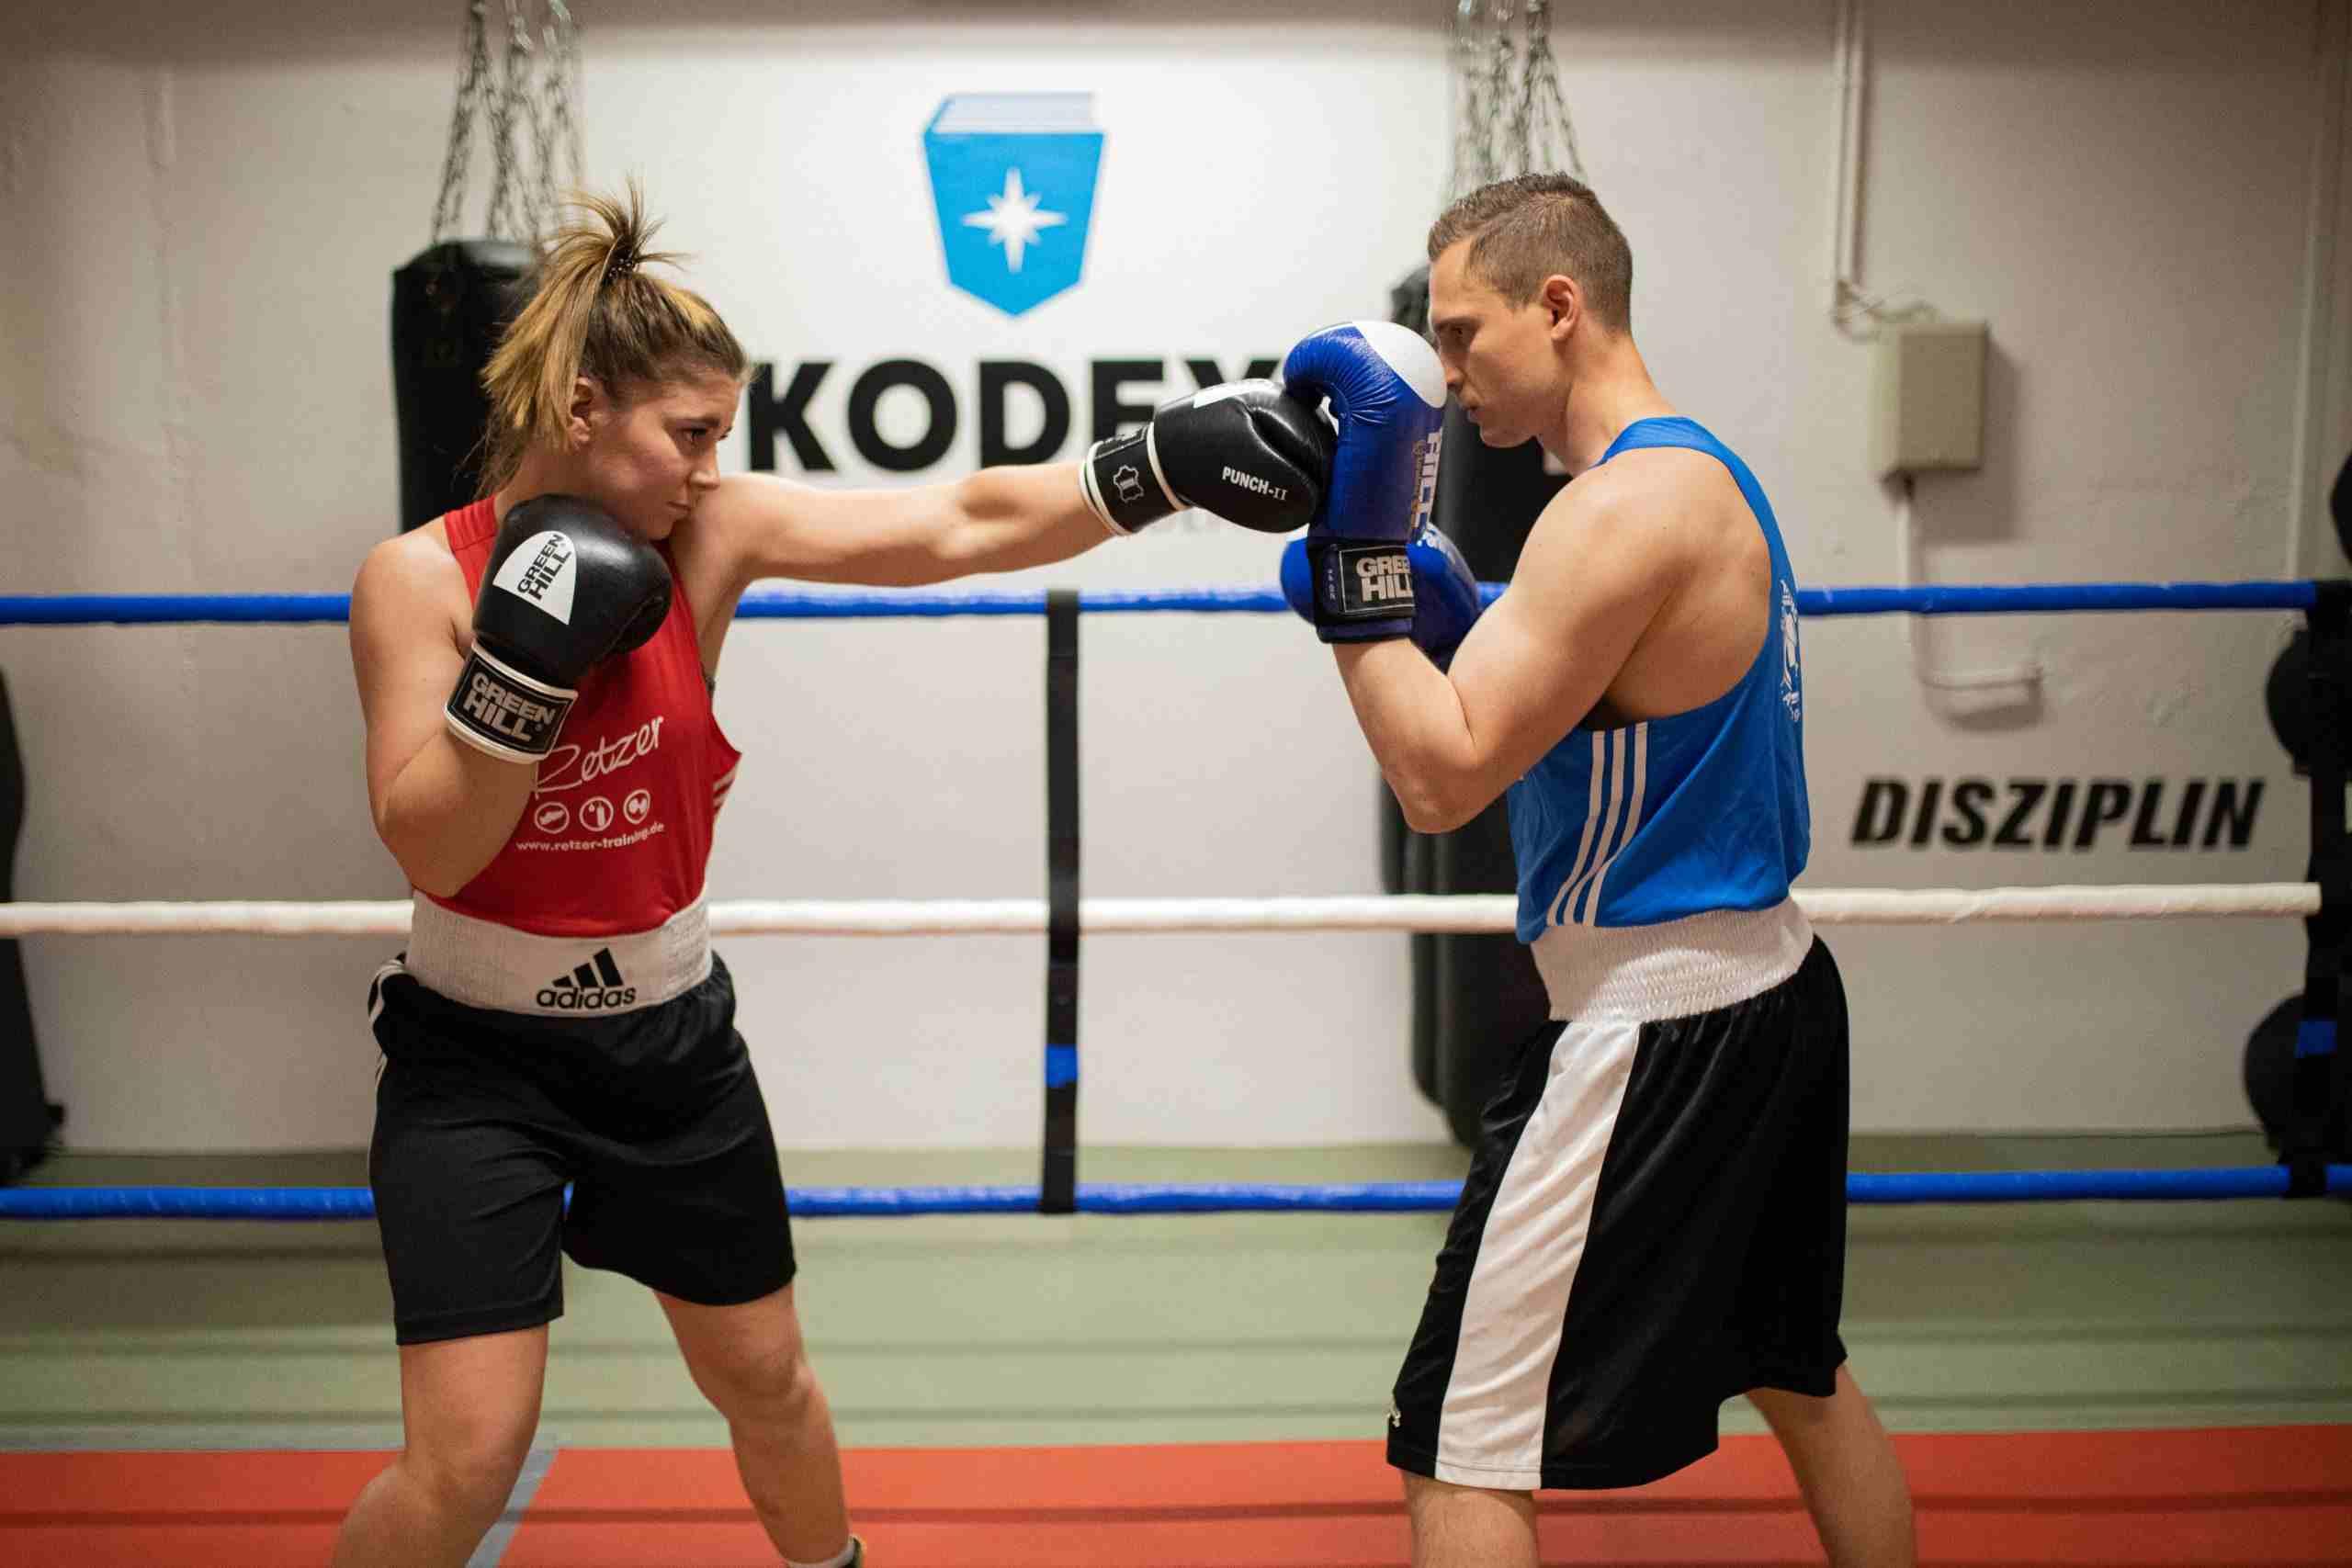 Boxtraining in Partnerarbeit mit Boxhandschuhen